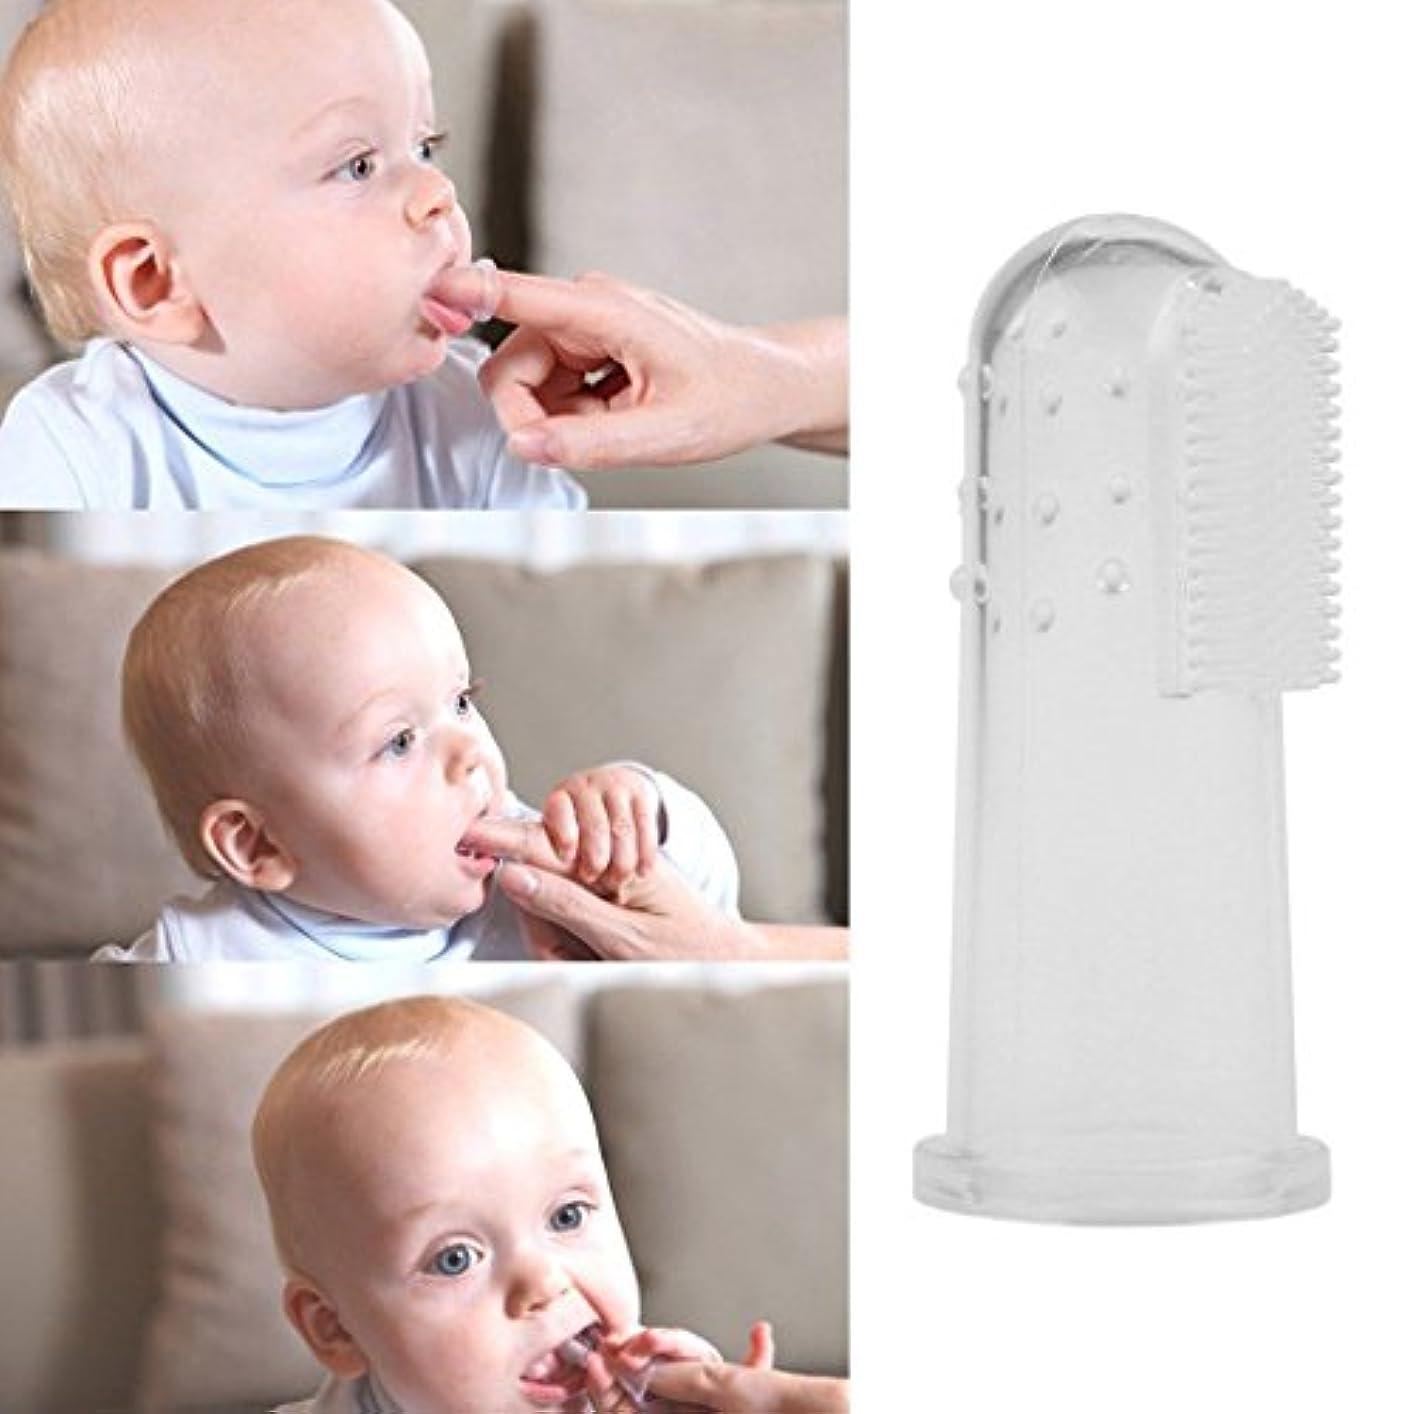 ブルーベル薬モスクCUTICATE おもちゃ歯が生える赤ちゃんの明確な屈曲可能なおしゃぶりトレーニング指歯ブラシ乳児